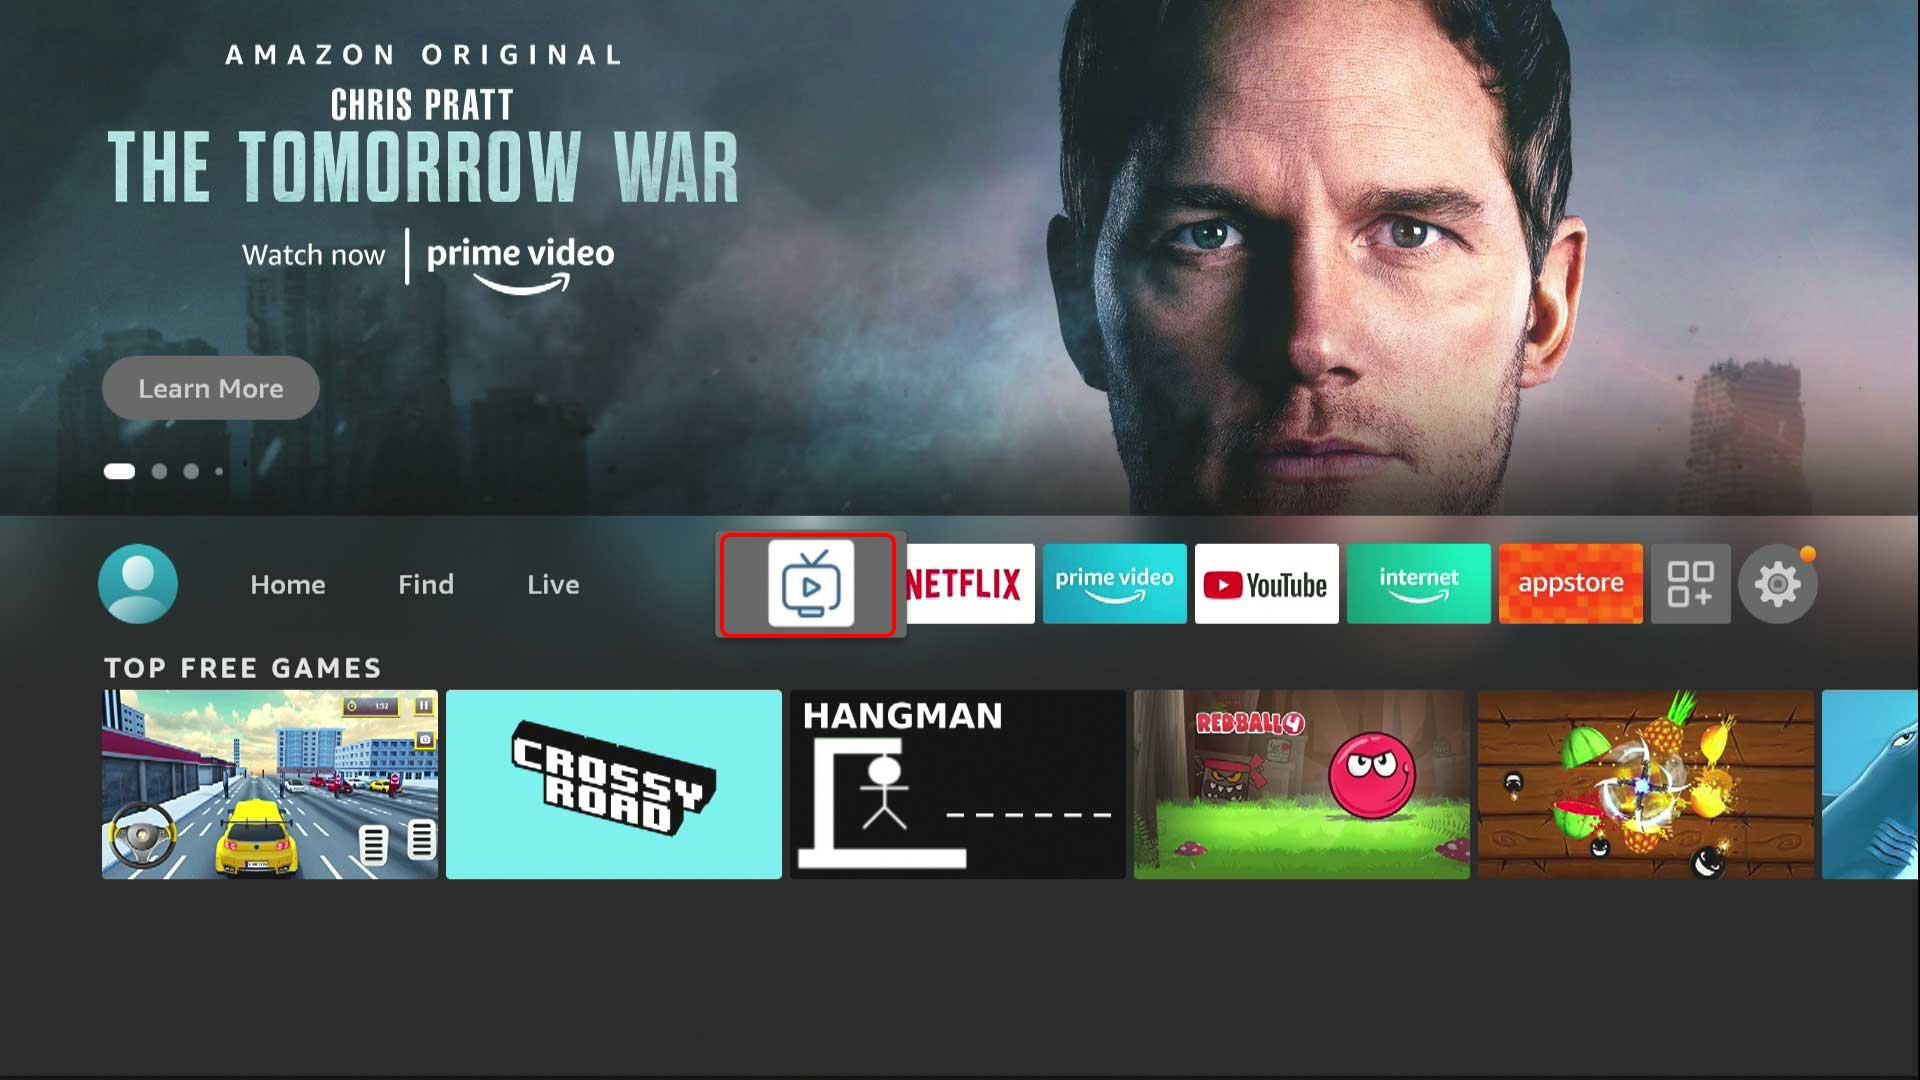 установленное приложение на домашнем экране Amazon Fire TV Stick